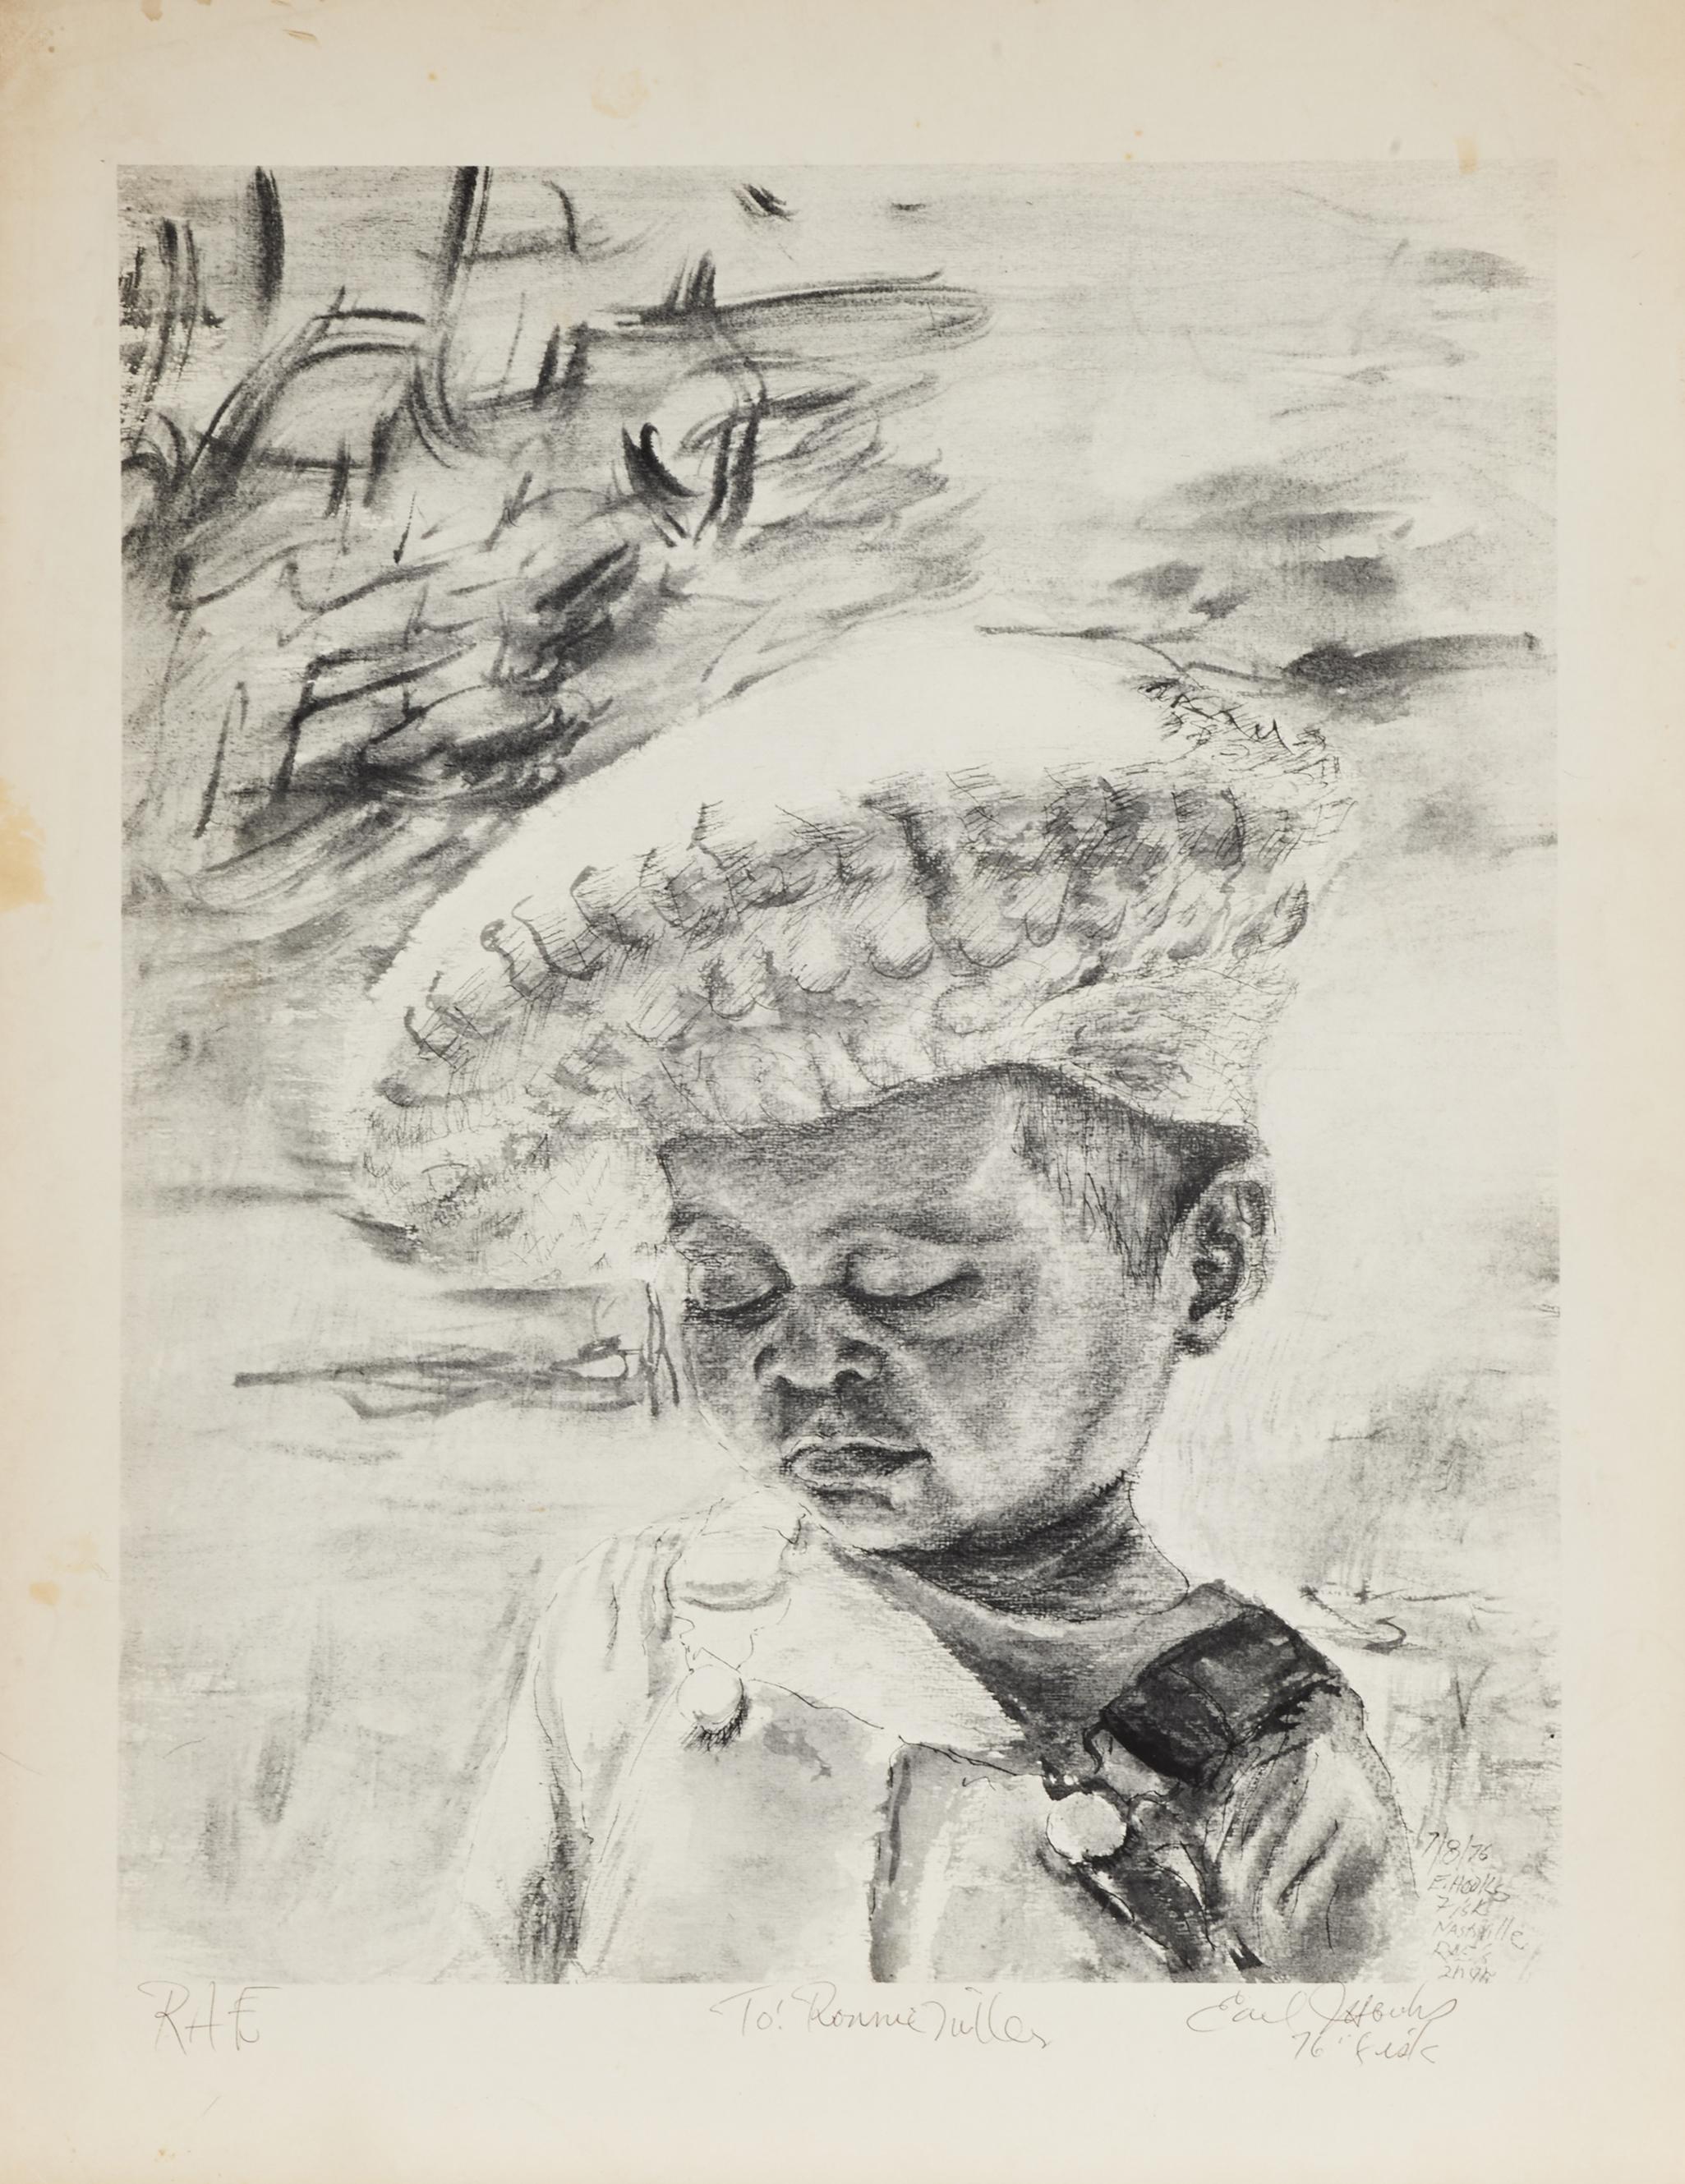 Earl J. Hooks (b. 1927)